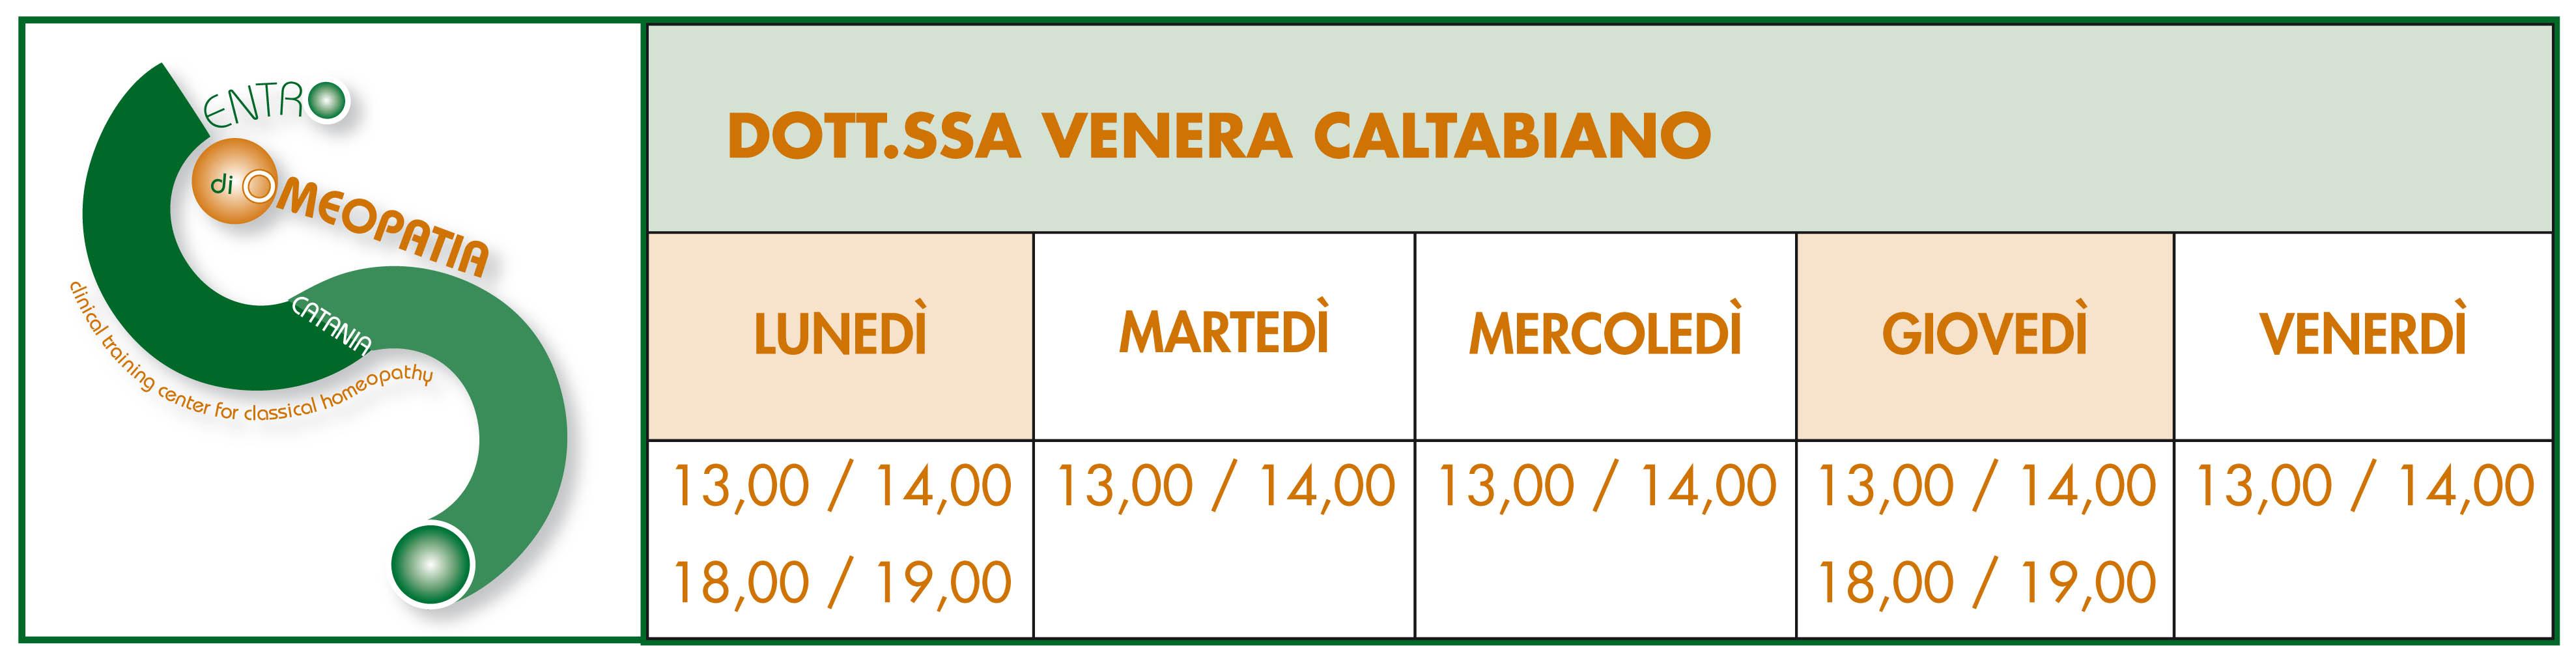 Orari Dott. Venera Caltabiano